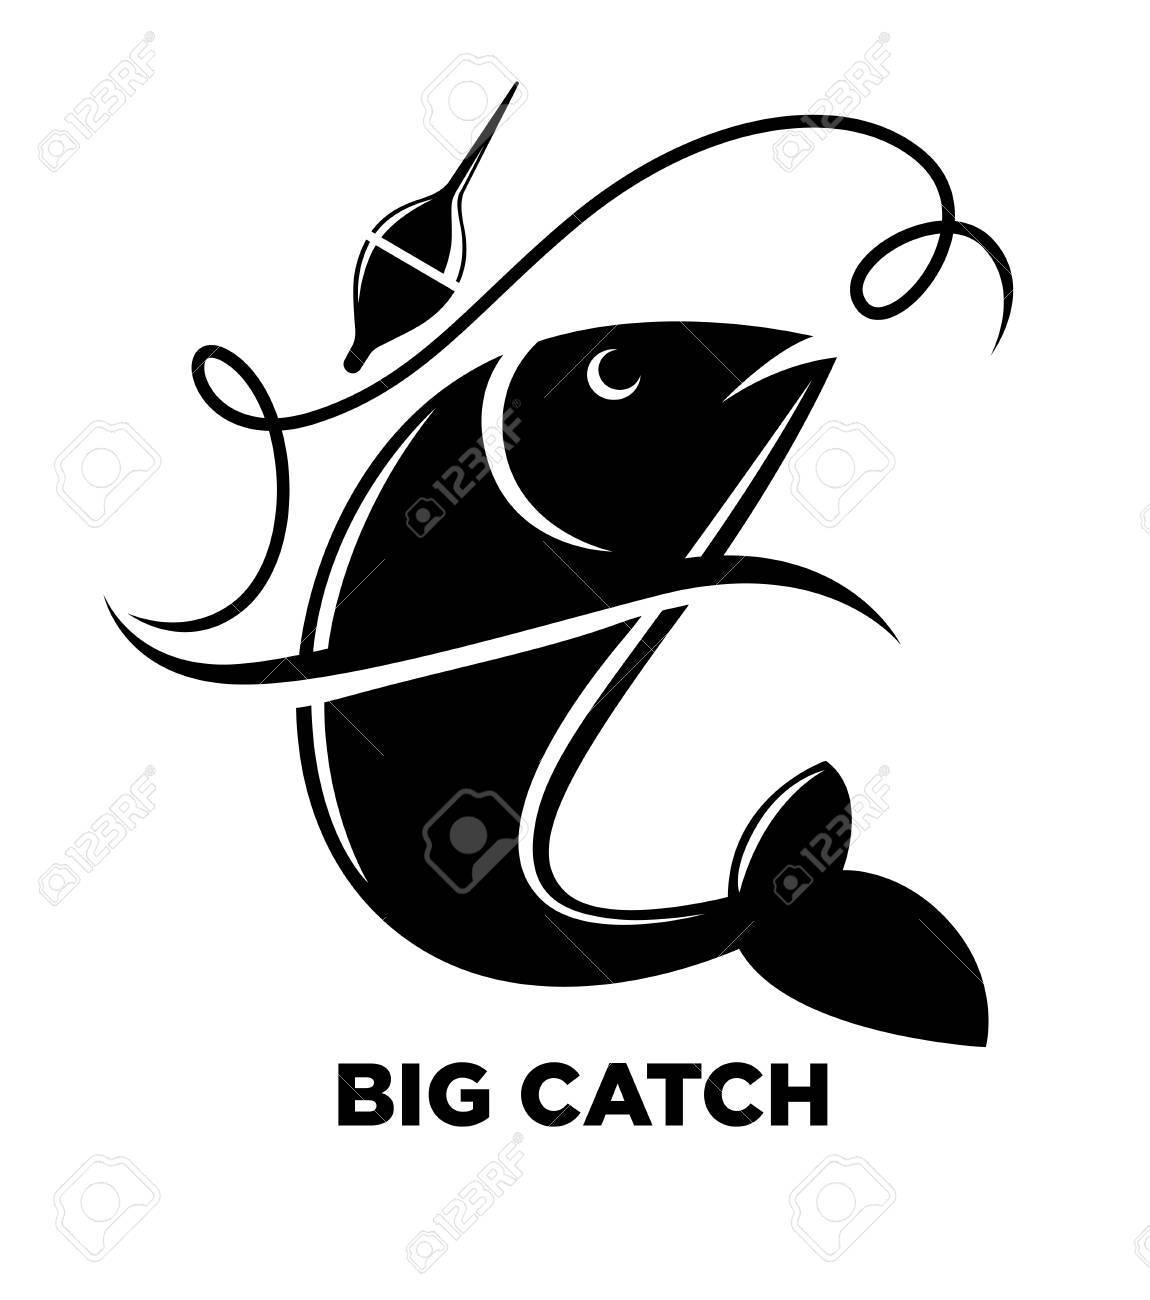 Angeln Icon Von Fisch Auf Haken Für Fischer Club Oder Fischerei Meer ...